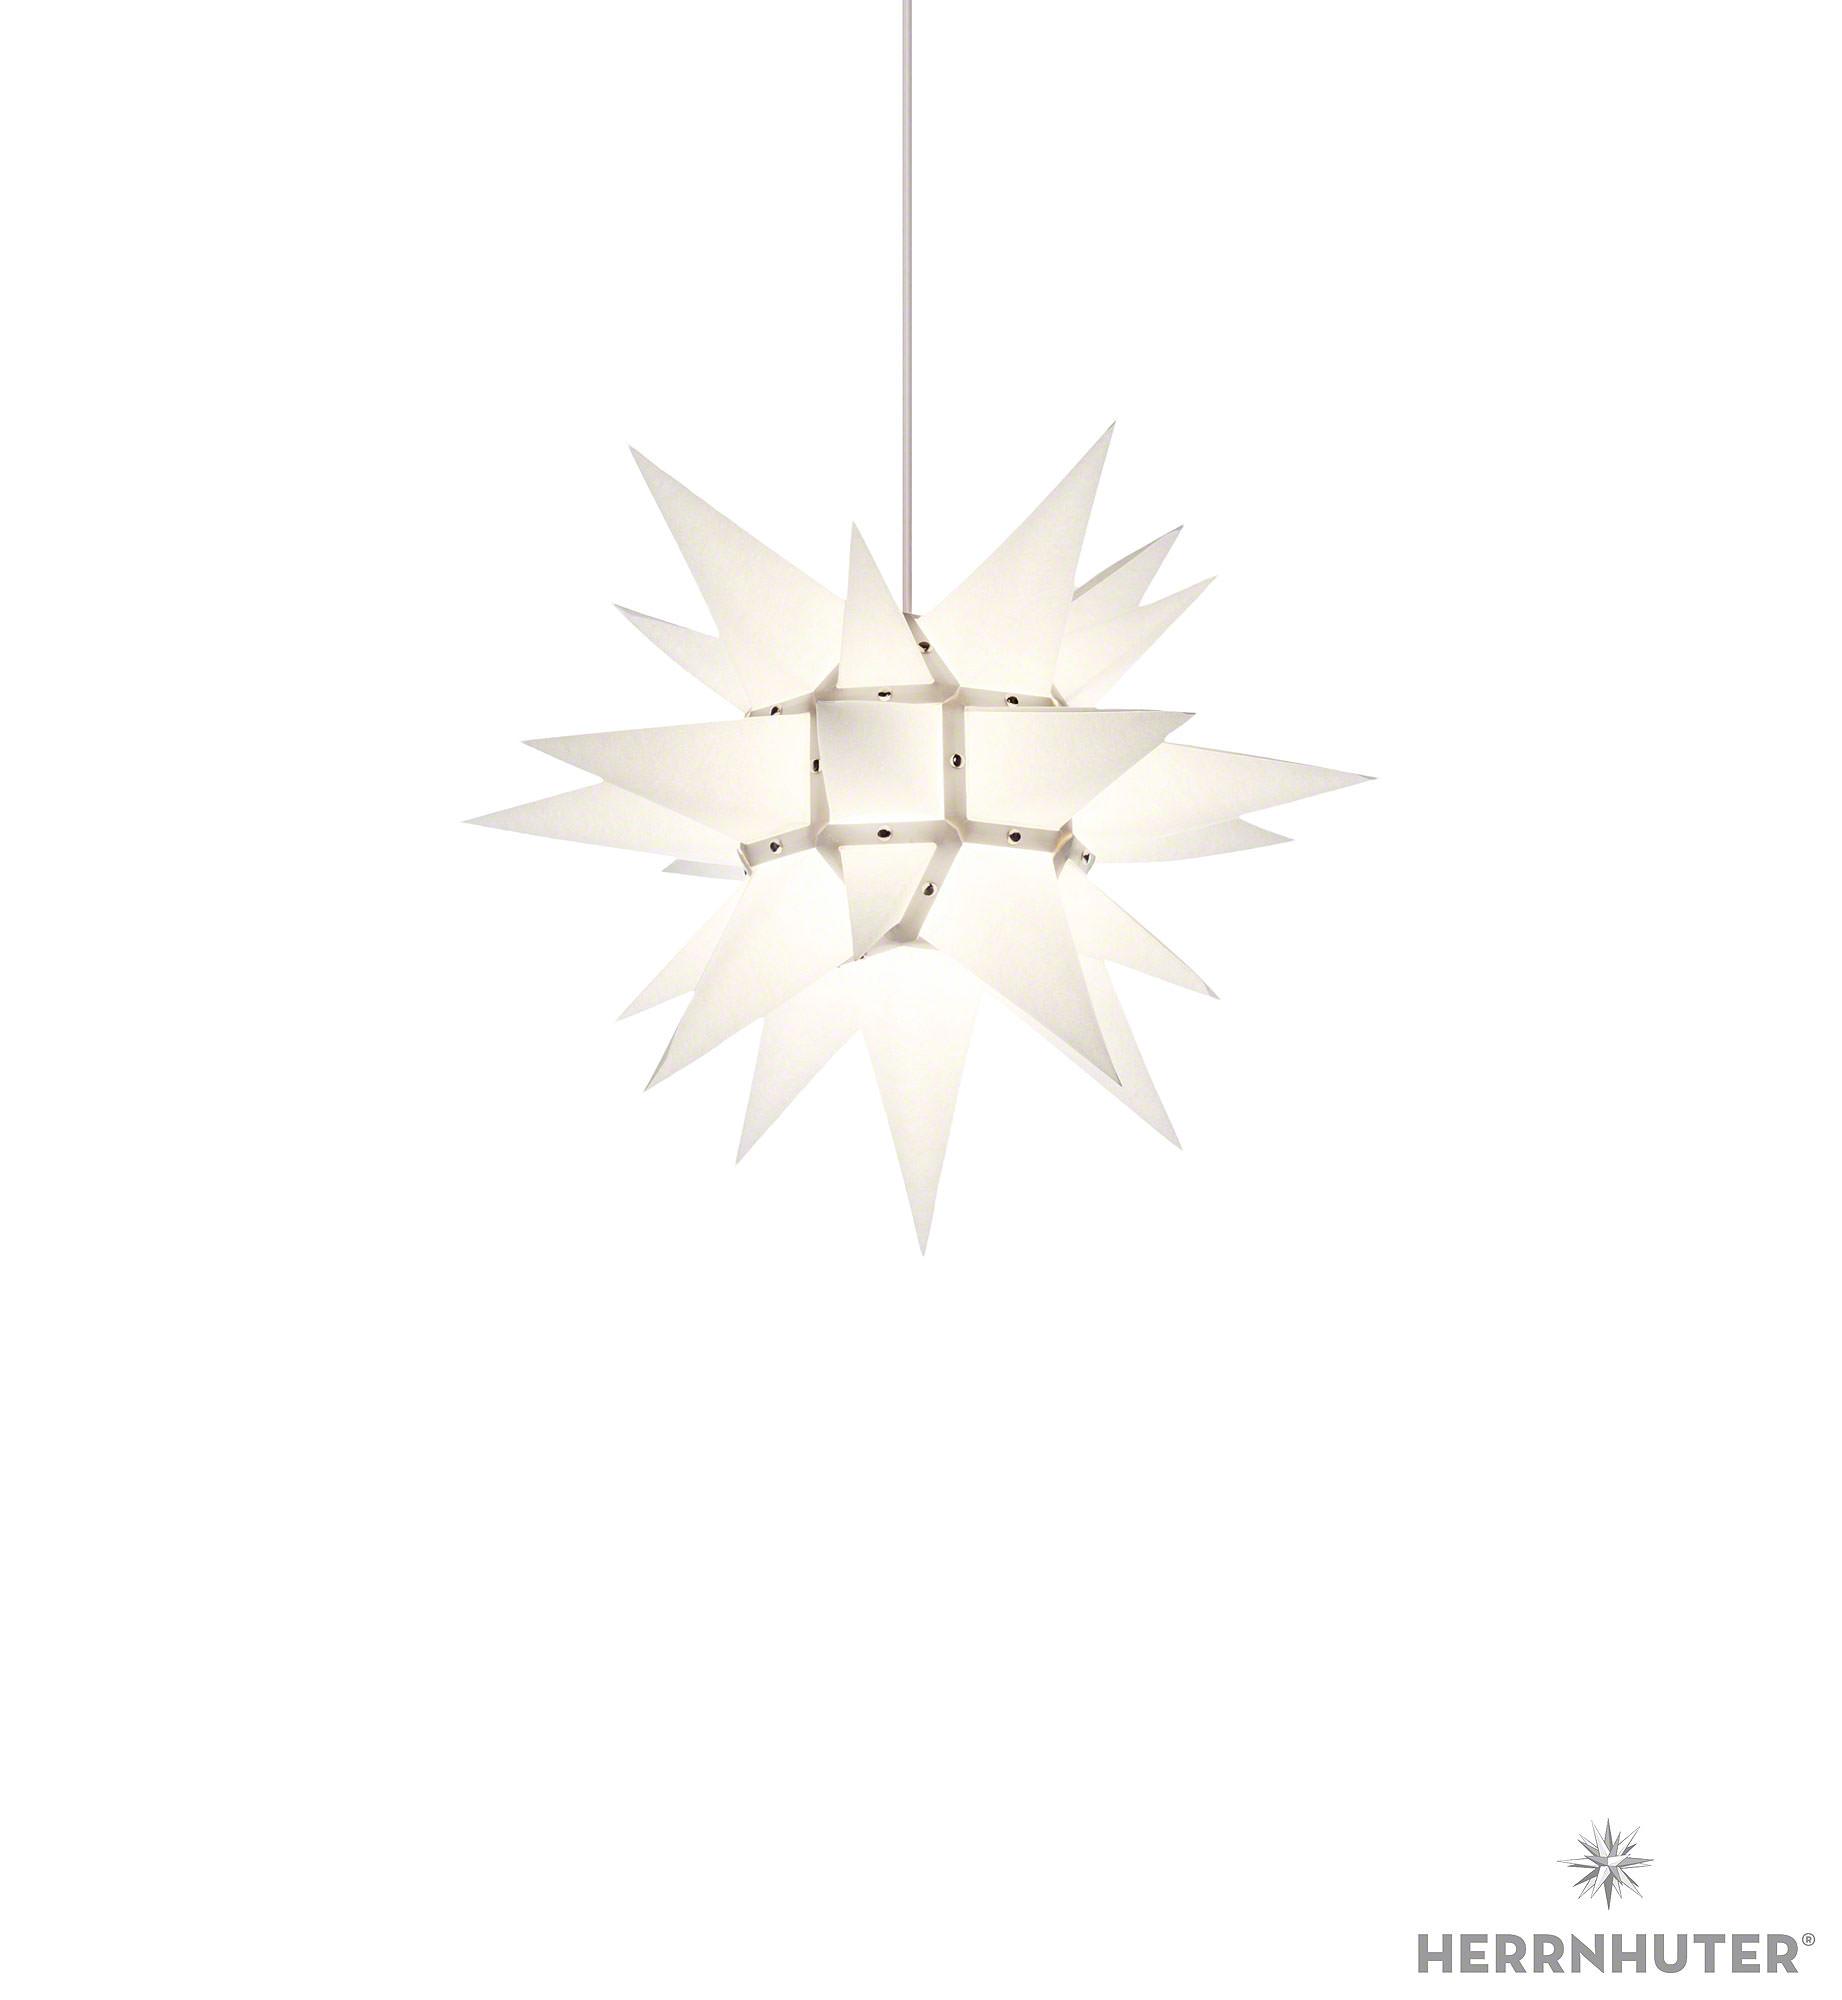 herrnhuter stern i4 weiss papier 40 cm von herrnhuter sterne. Black Bedroom Furniture Sets. Home Design Ideas